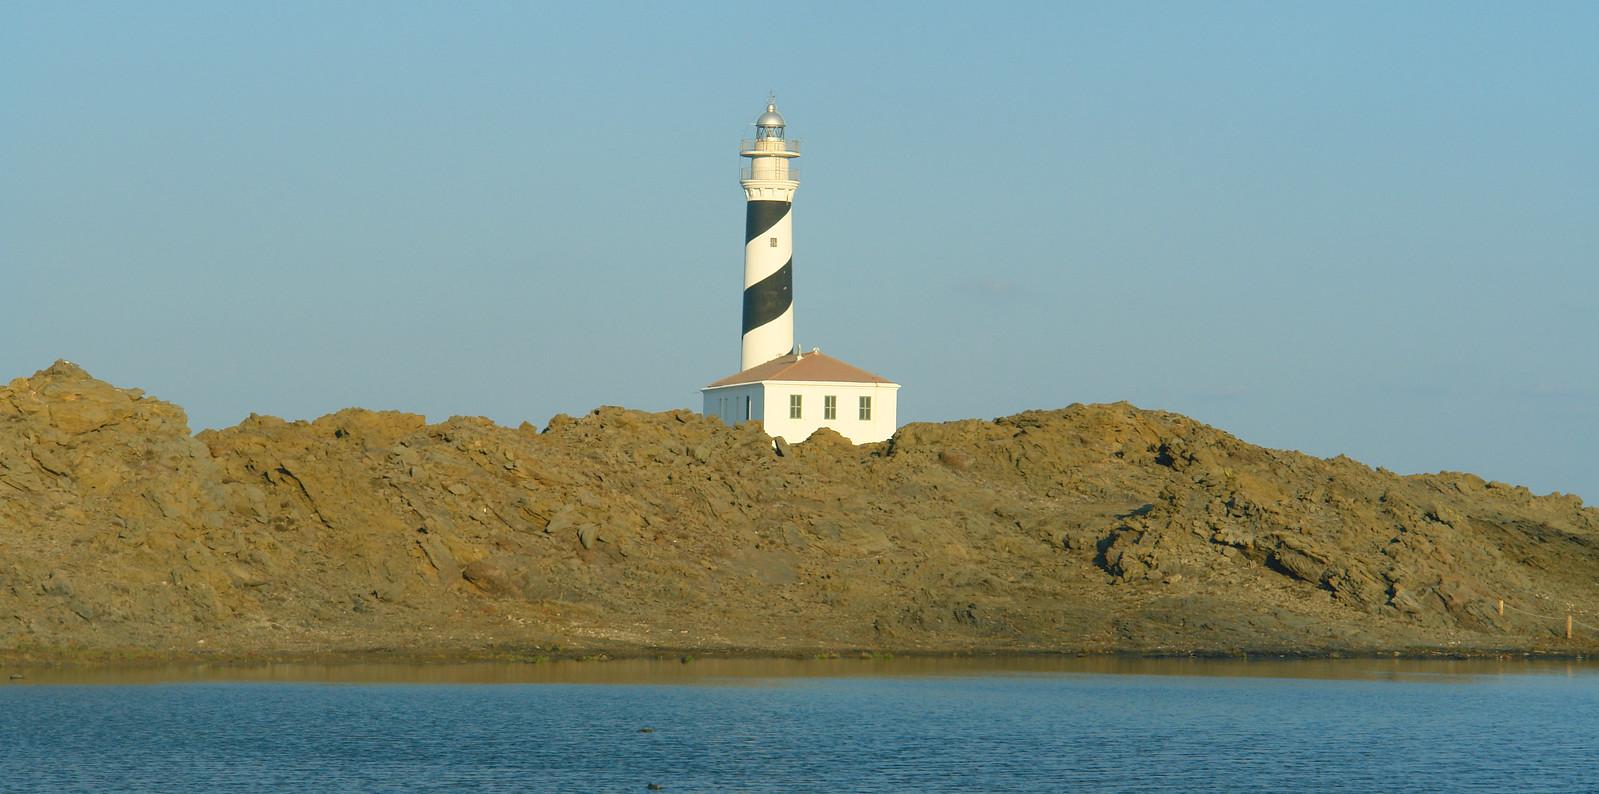 Qué ver en Menorca, Islas Baleares - thewotme qué ver en menorca - 50046234658 2a2ef386f4 h - Qué ver en Menorca, lugares a NO perderse